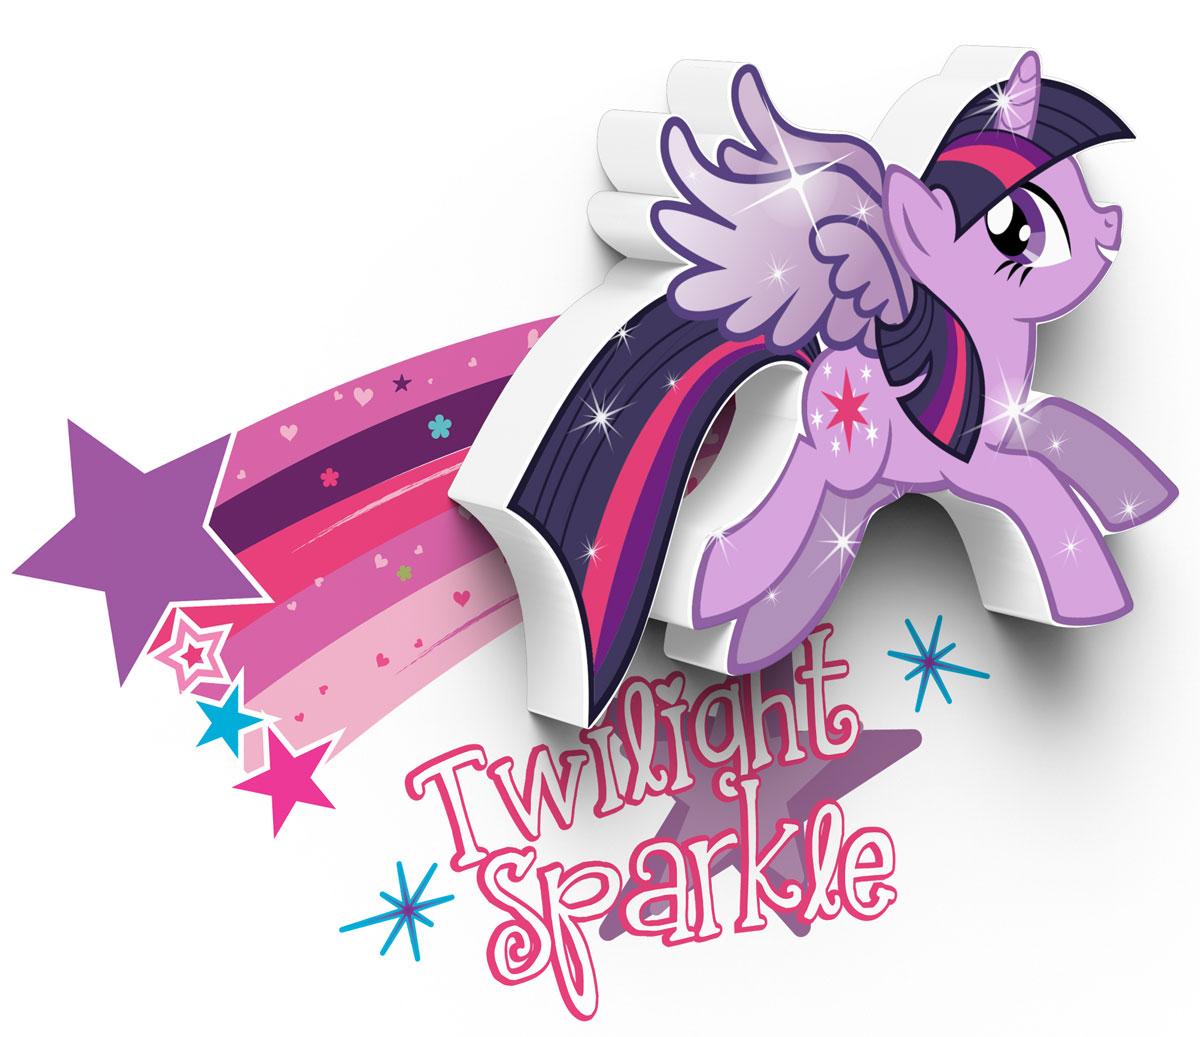 My Little Pony Пробивной 3D мини-светильник Twilight Sparkle4000912Пробивной 3D мини-светильник Twilight Sparkle обязательно понравится вашему ребенку.Особенности: Безопасный: без проводов, работает от батареек (2хААА, не входят в комплект); Не нагревается: всегда можно дотронуться до изделия;Реалистичный: 3D наклейка в комплекте;Фантастический: выглядит превосходно в любое время суток; Удобный: простая установка (автоматическое выключение через полчаса непрерывной работы).Товар предназначен для детей старше 3 лет. ВНИМАНИЕ! Содержит мелкие детали, использовать под непосредственным наблюдением взрослых.